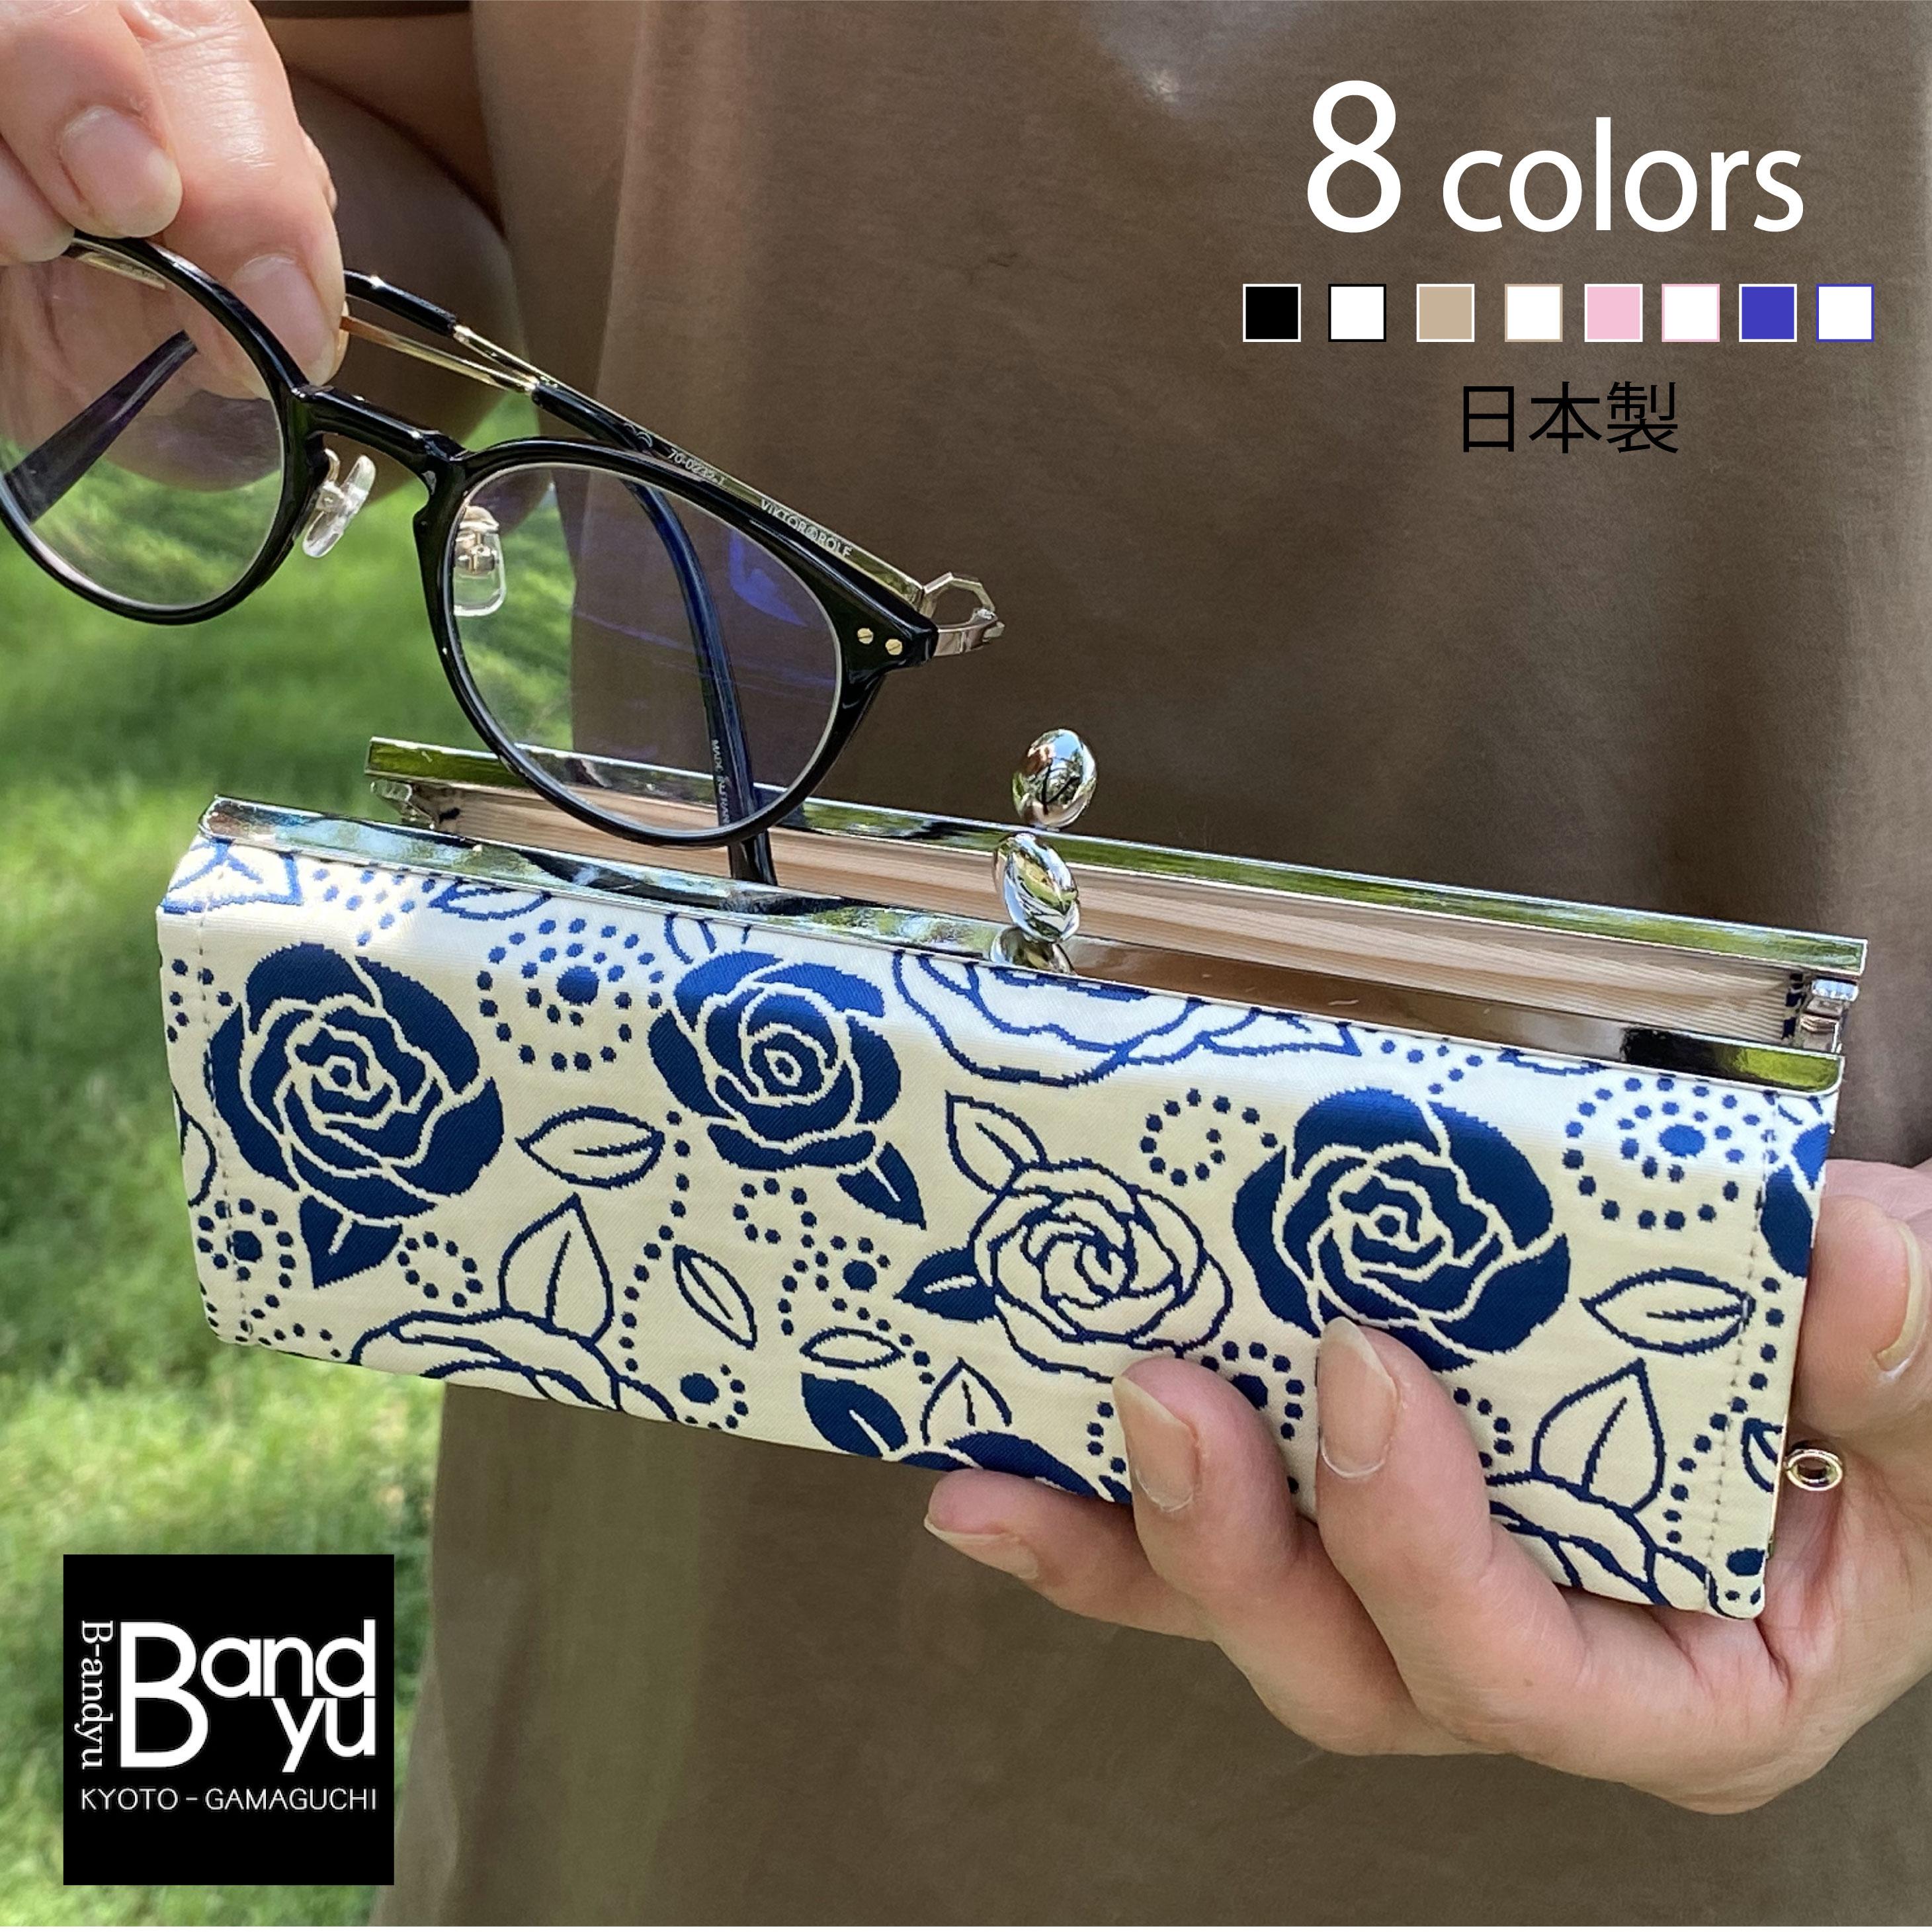 【ビアンデュ】薔薇 ボックス型 メガネケース 全8色誕生日 ギフト プレゼント 眼鏡 がま口 和柄 花柄 ペンケース サングラス ふくれ織 眼鏡入れ めがね大人 かわいい レディース